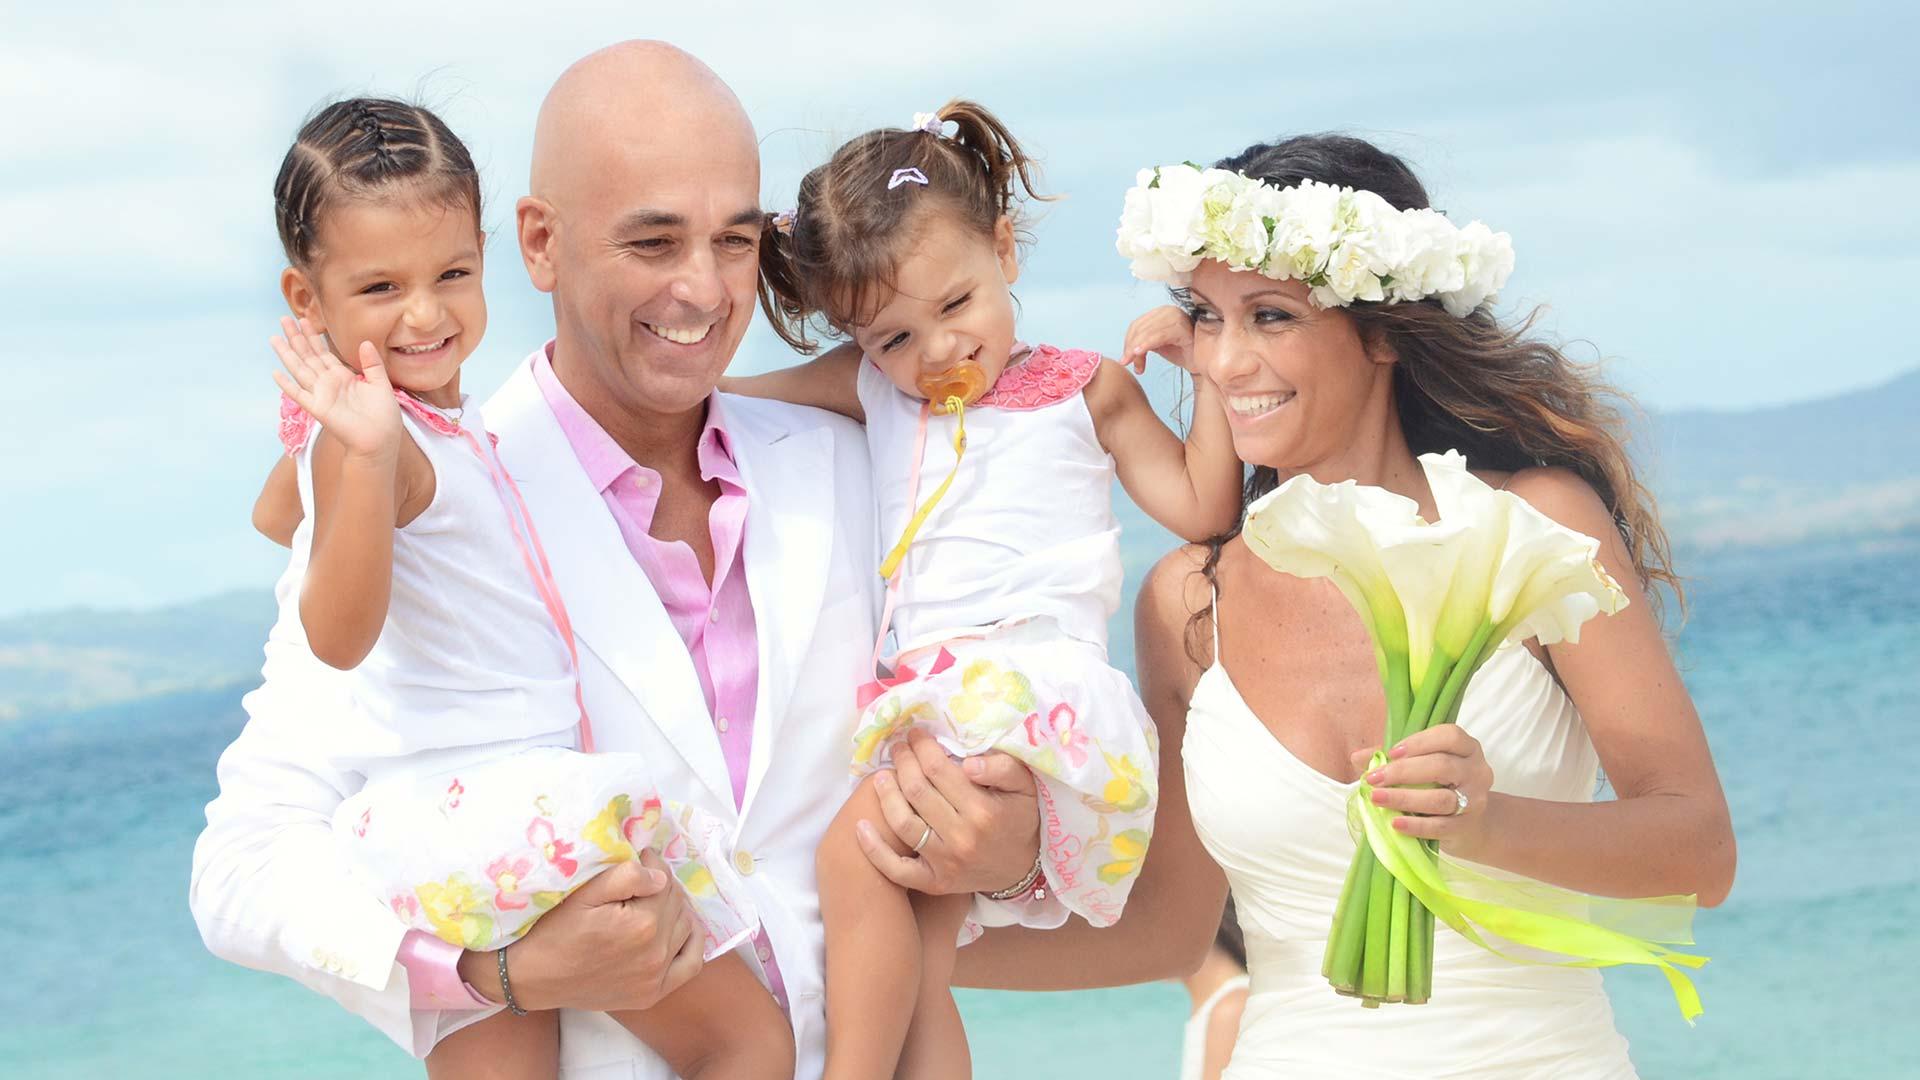 Matrimonio Simbolico Lecce : Matrimonio simbolico a nosy fanihy